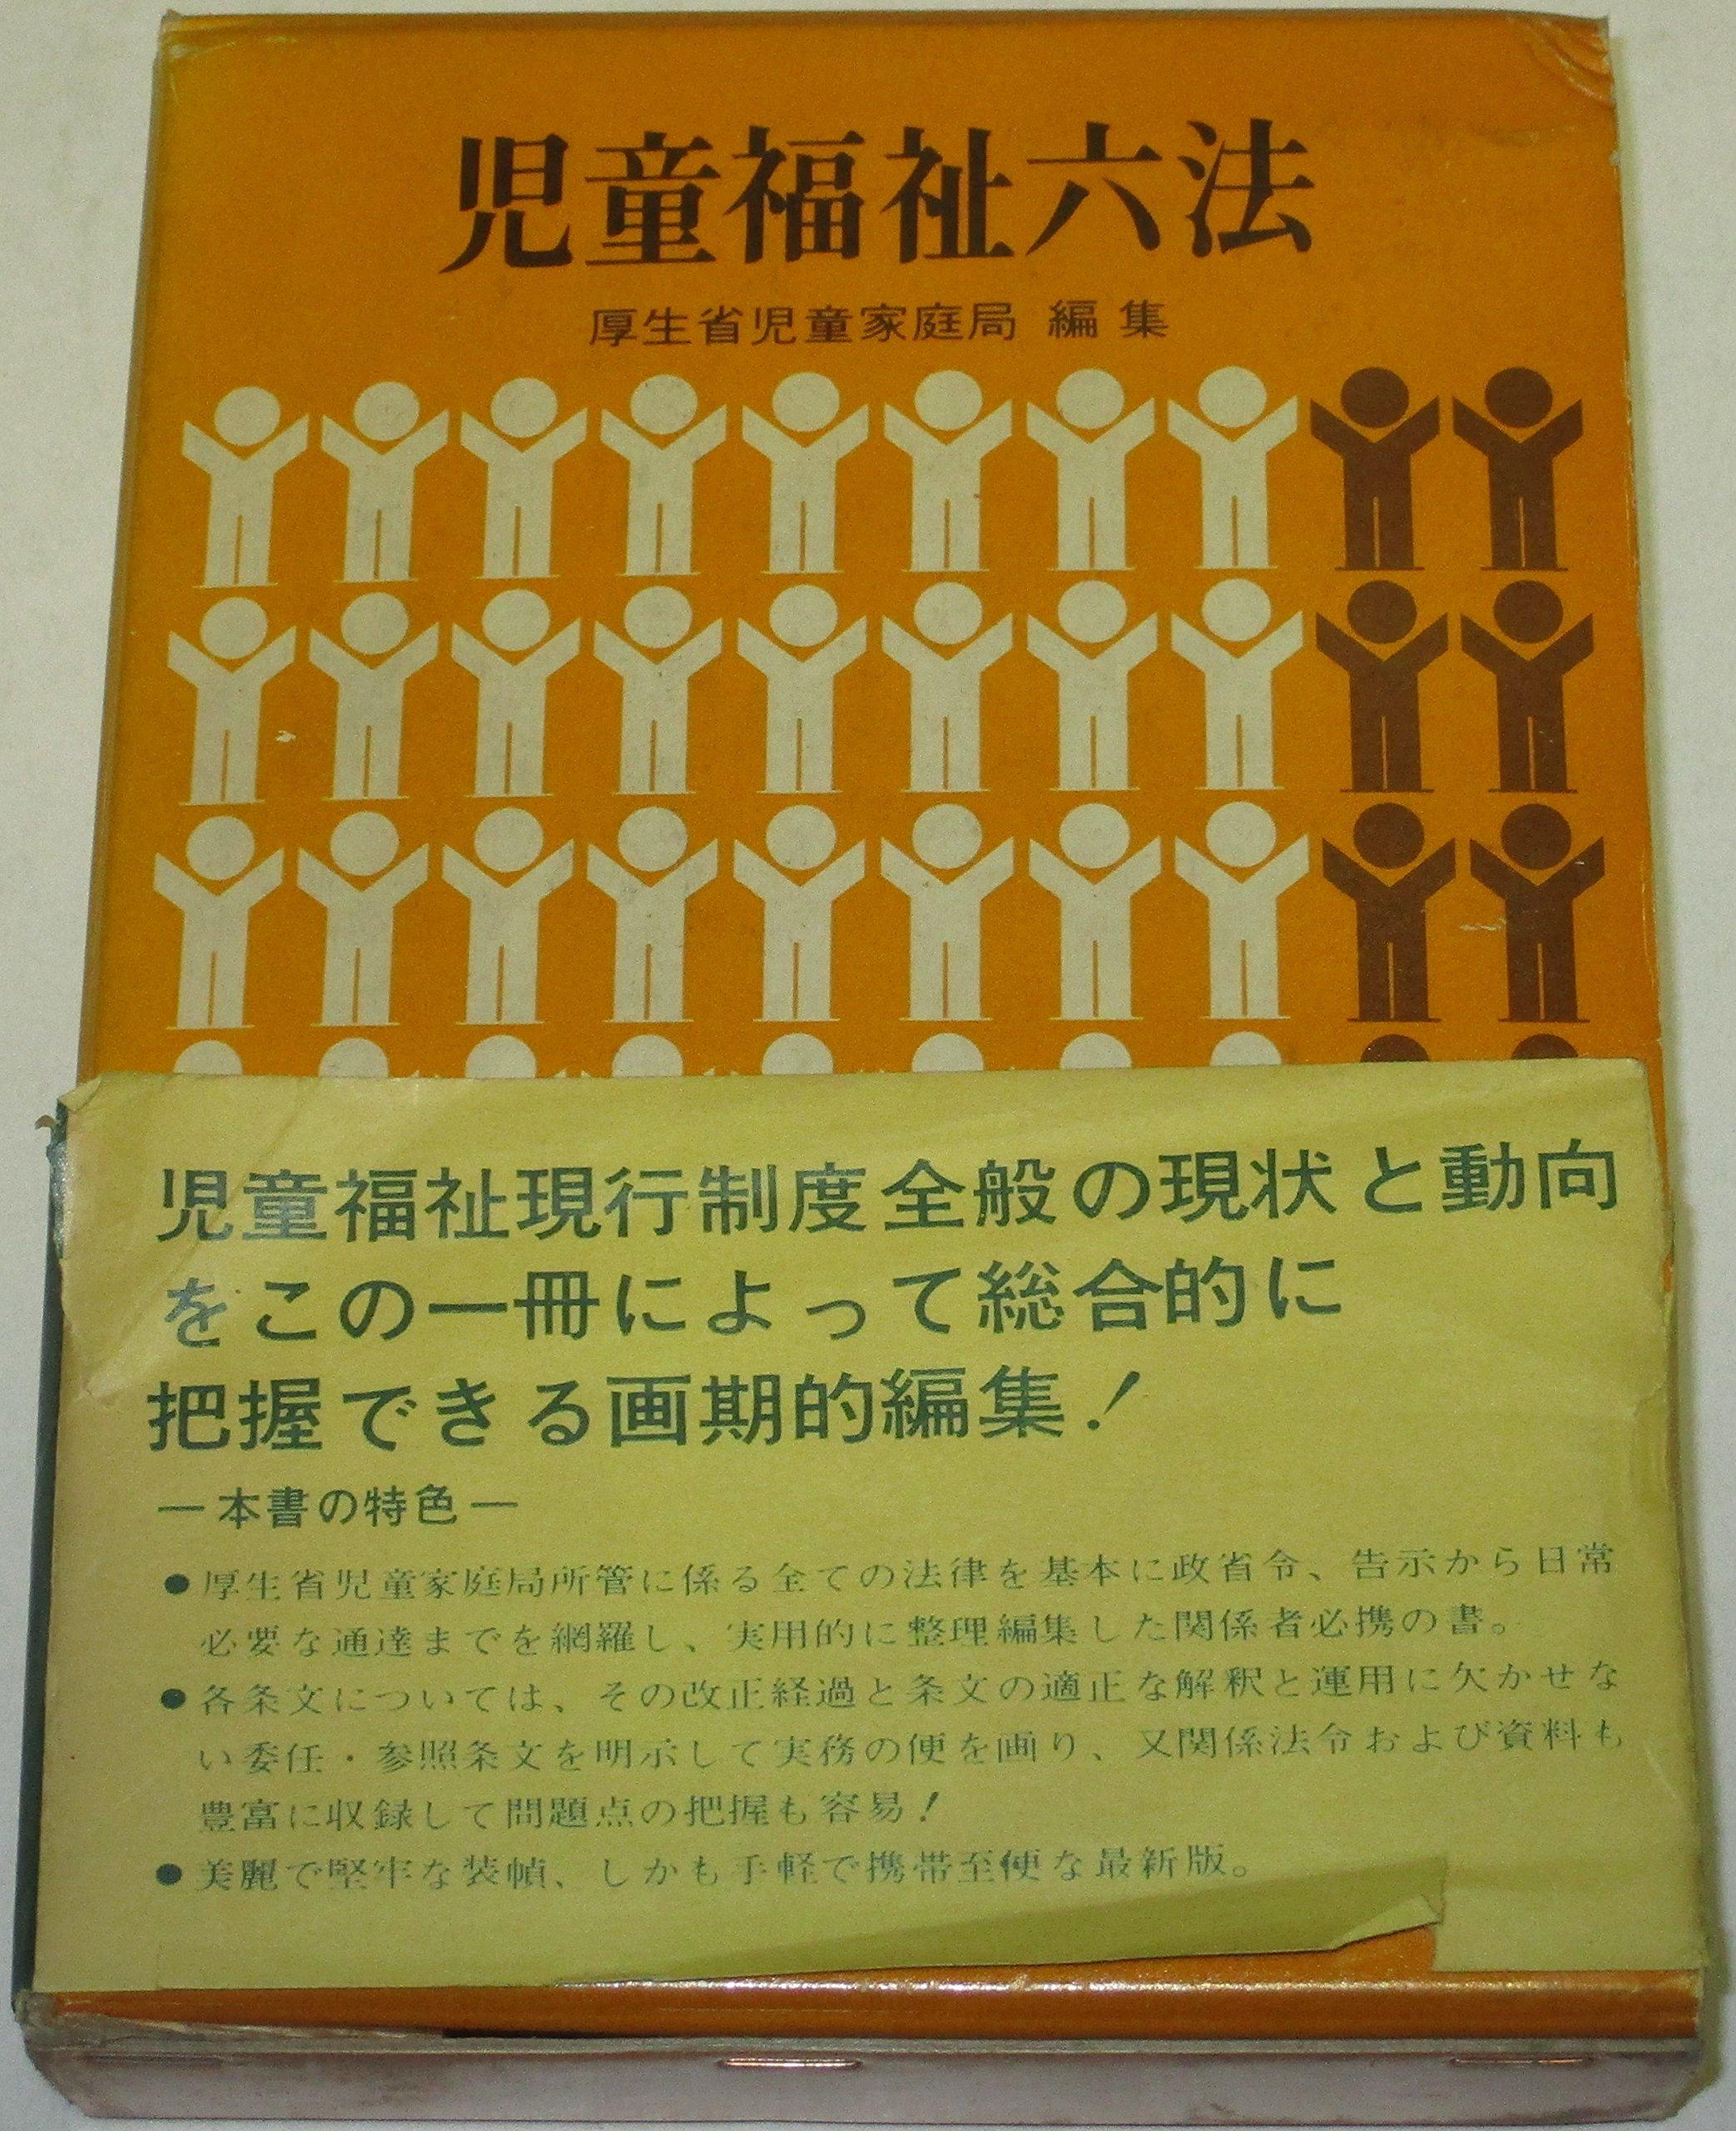 福祉 六法 児童